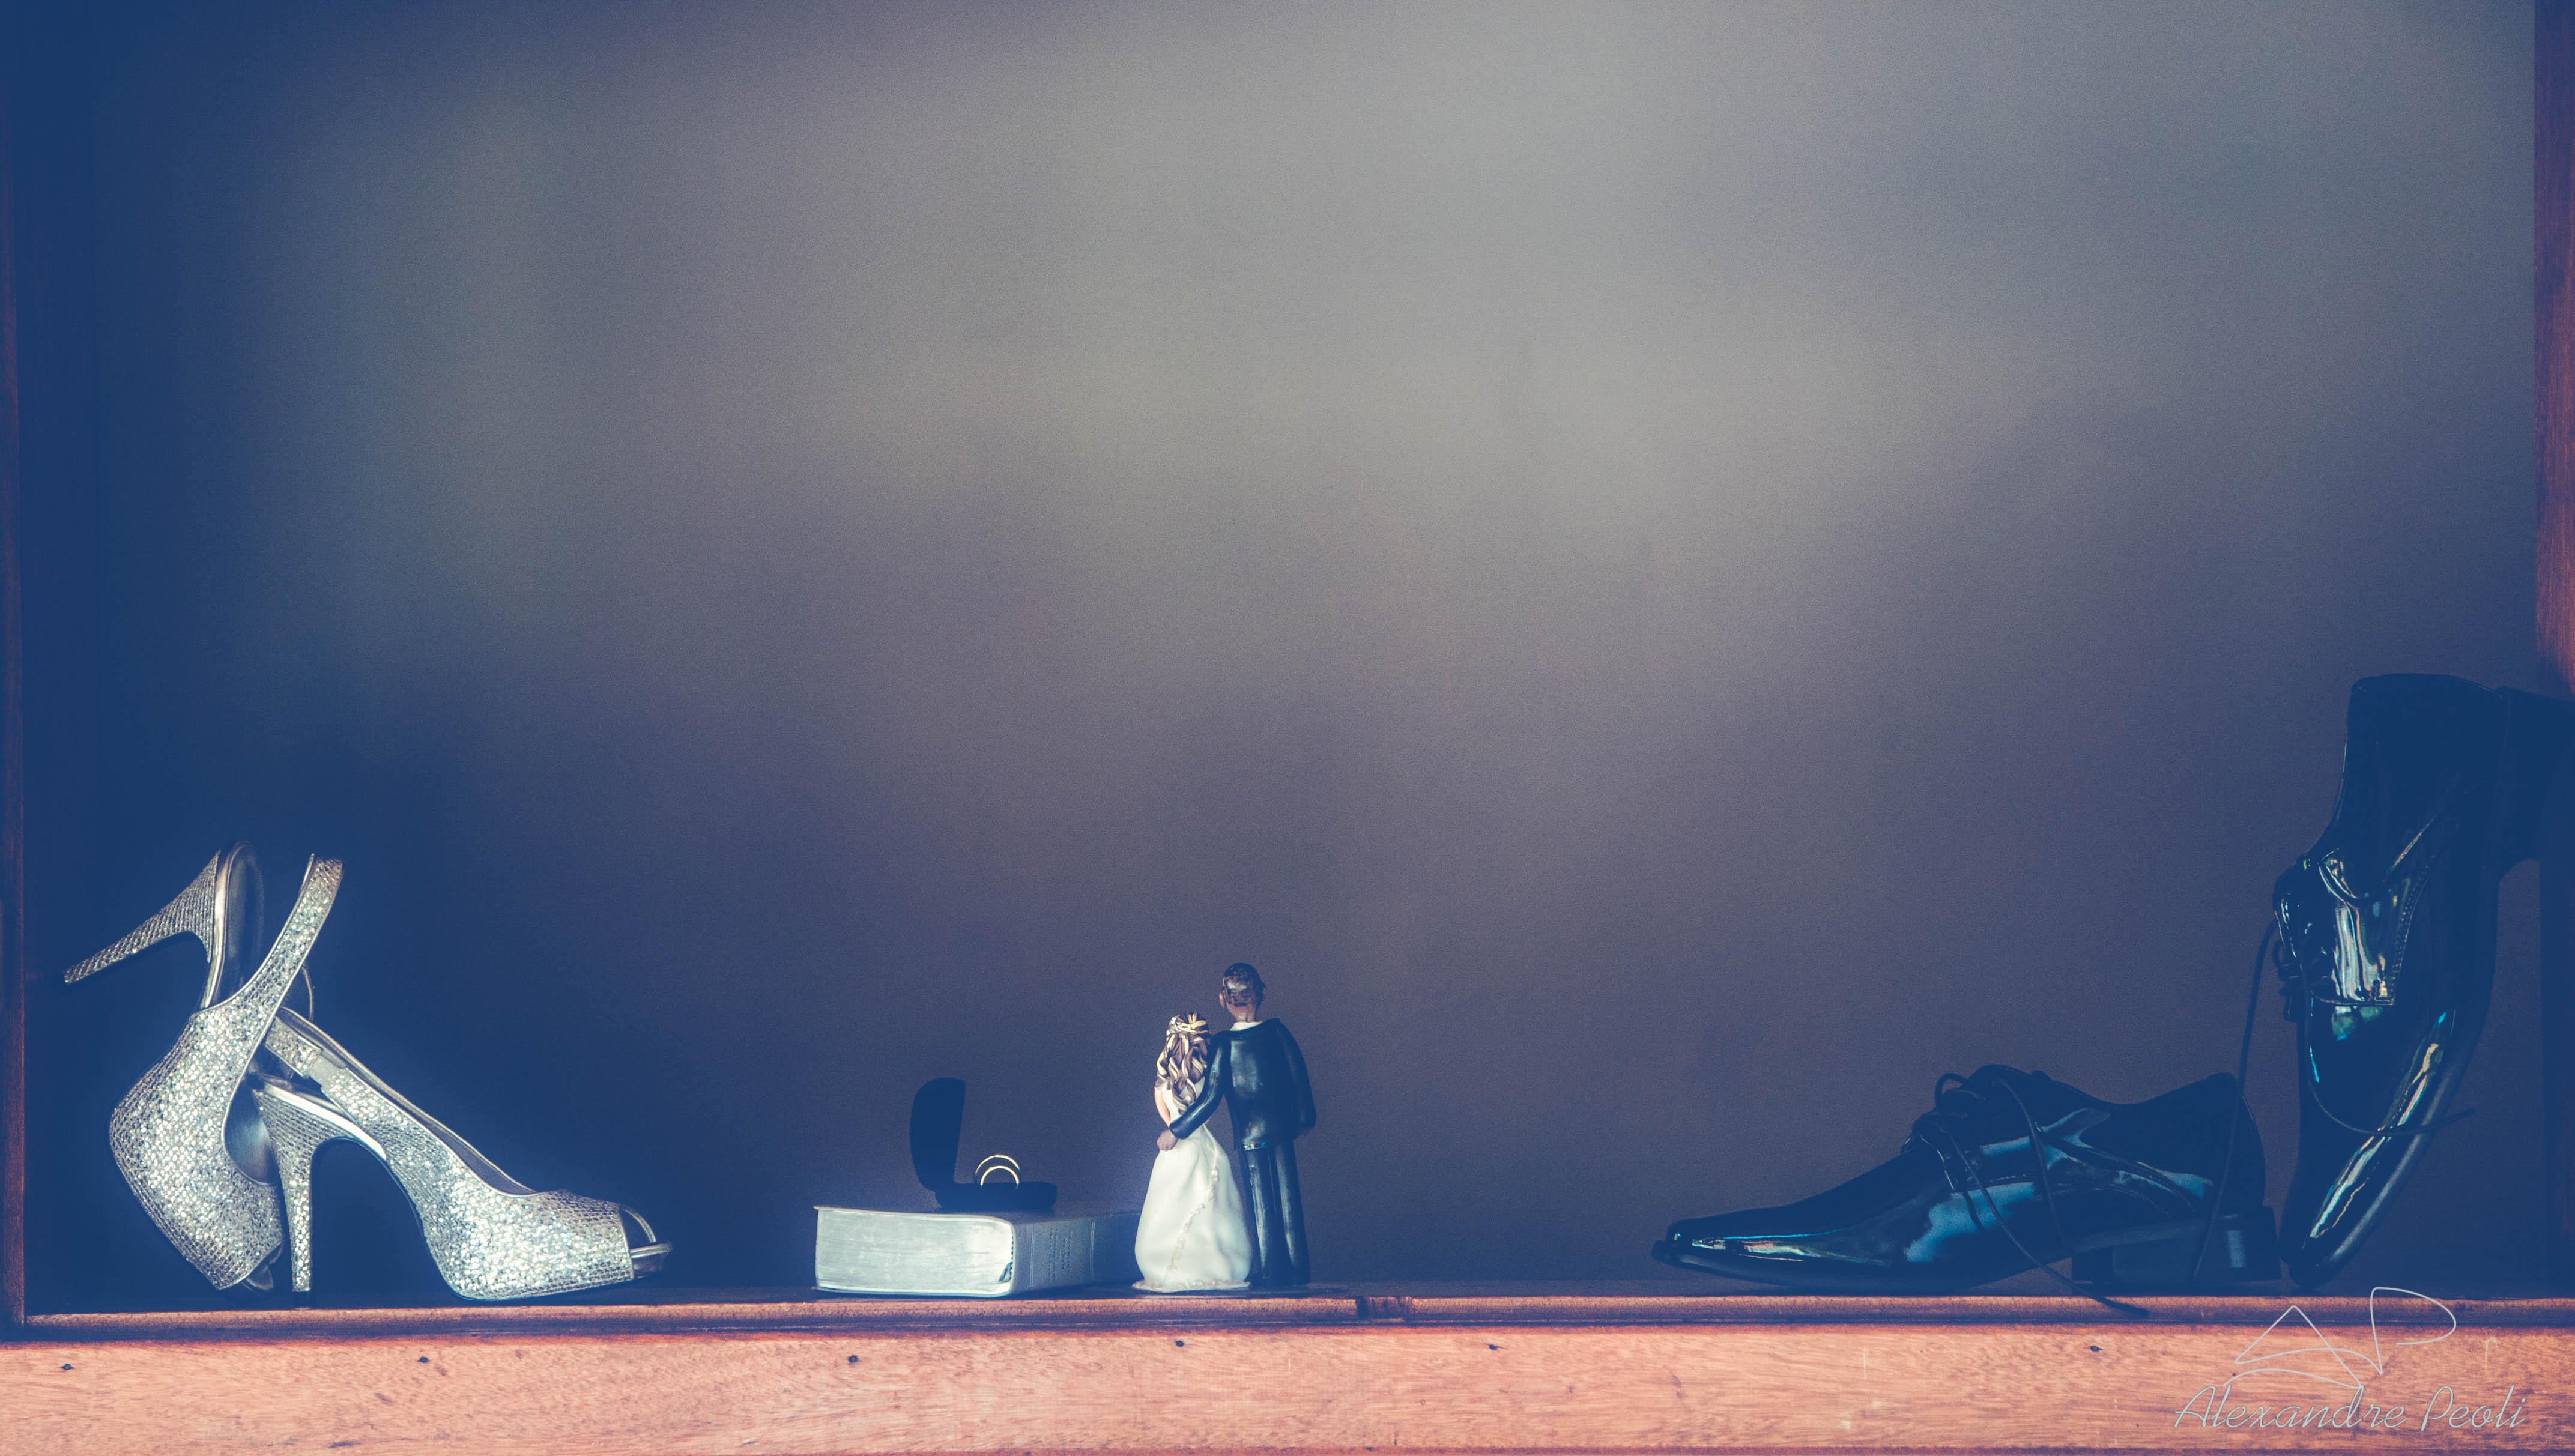 Fotografia de casamento Vitoria ES - Find a Click Fotografia casamento ES-13